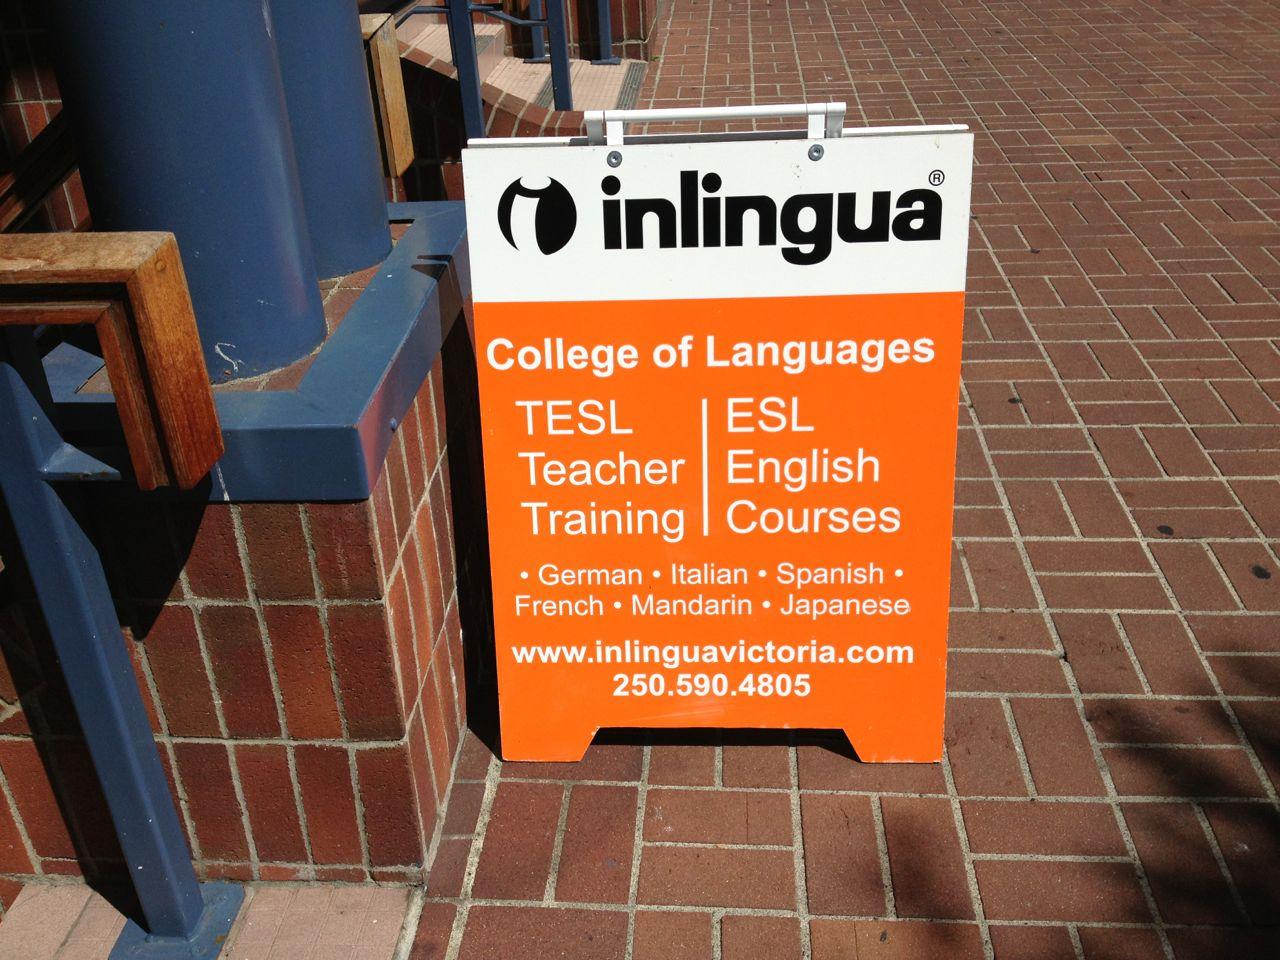 カナダ ビクトリアの語学学校Inlingua